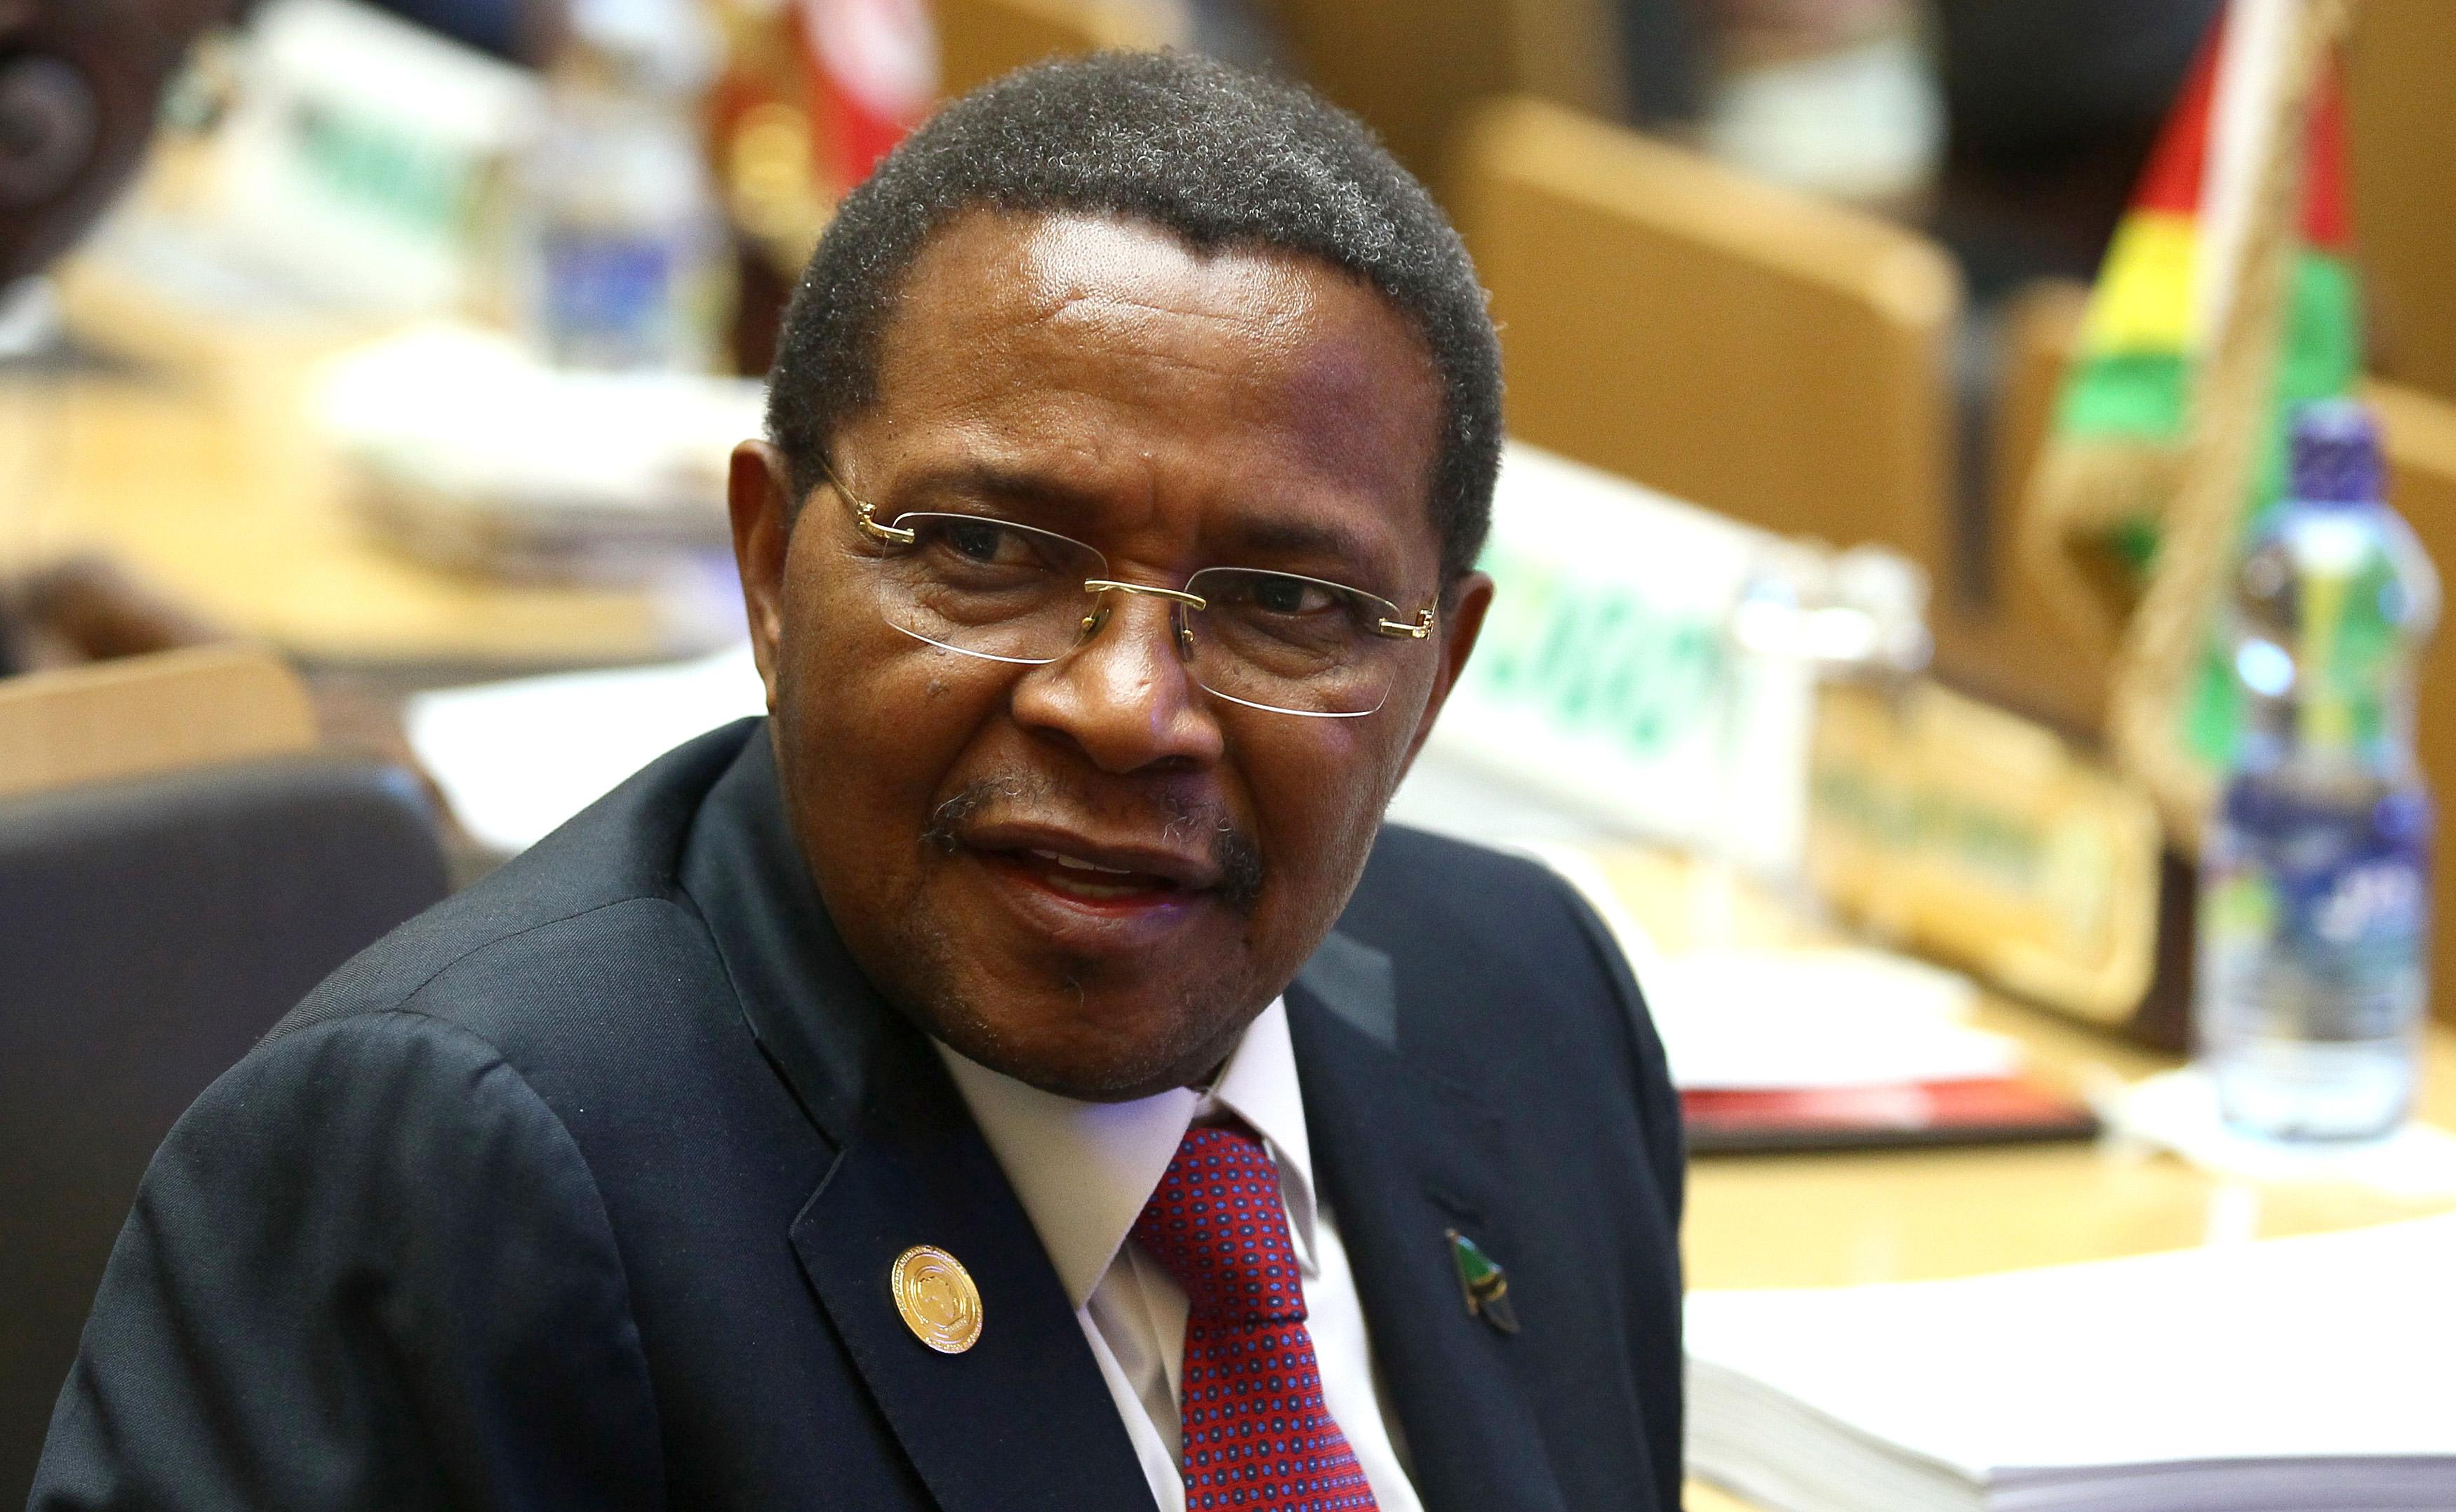 Tanzania's President Jakaya Kikwete attends the 24th Ordinary